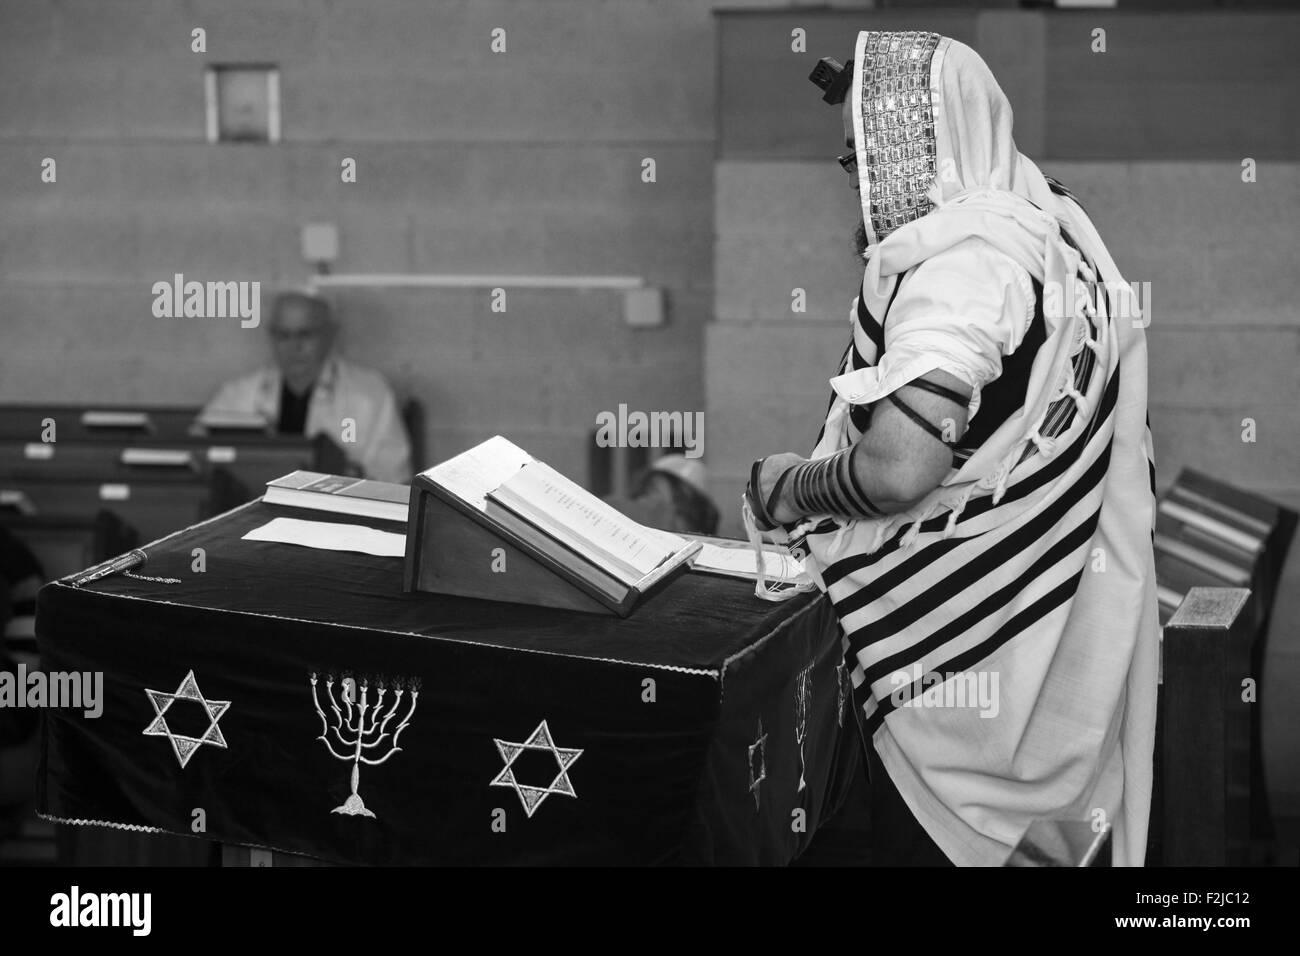 Jewish man at prayer in a synagogue - Stock Image